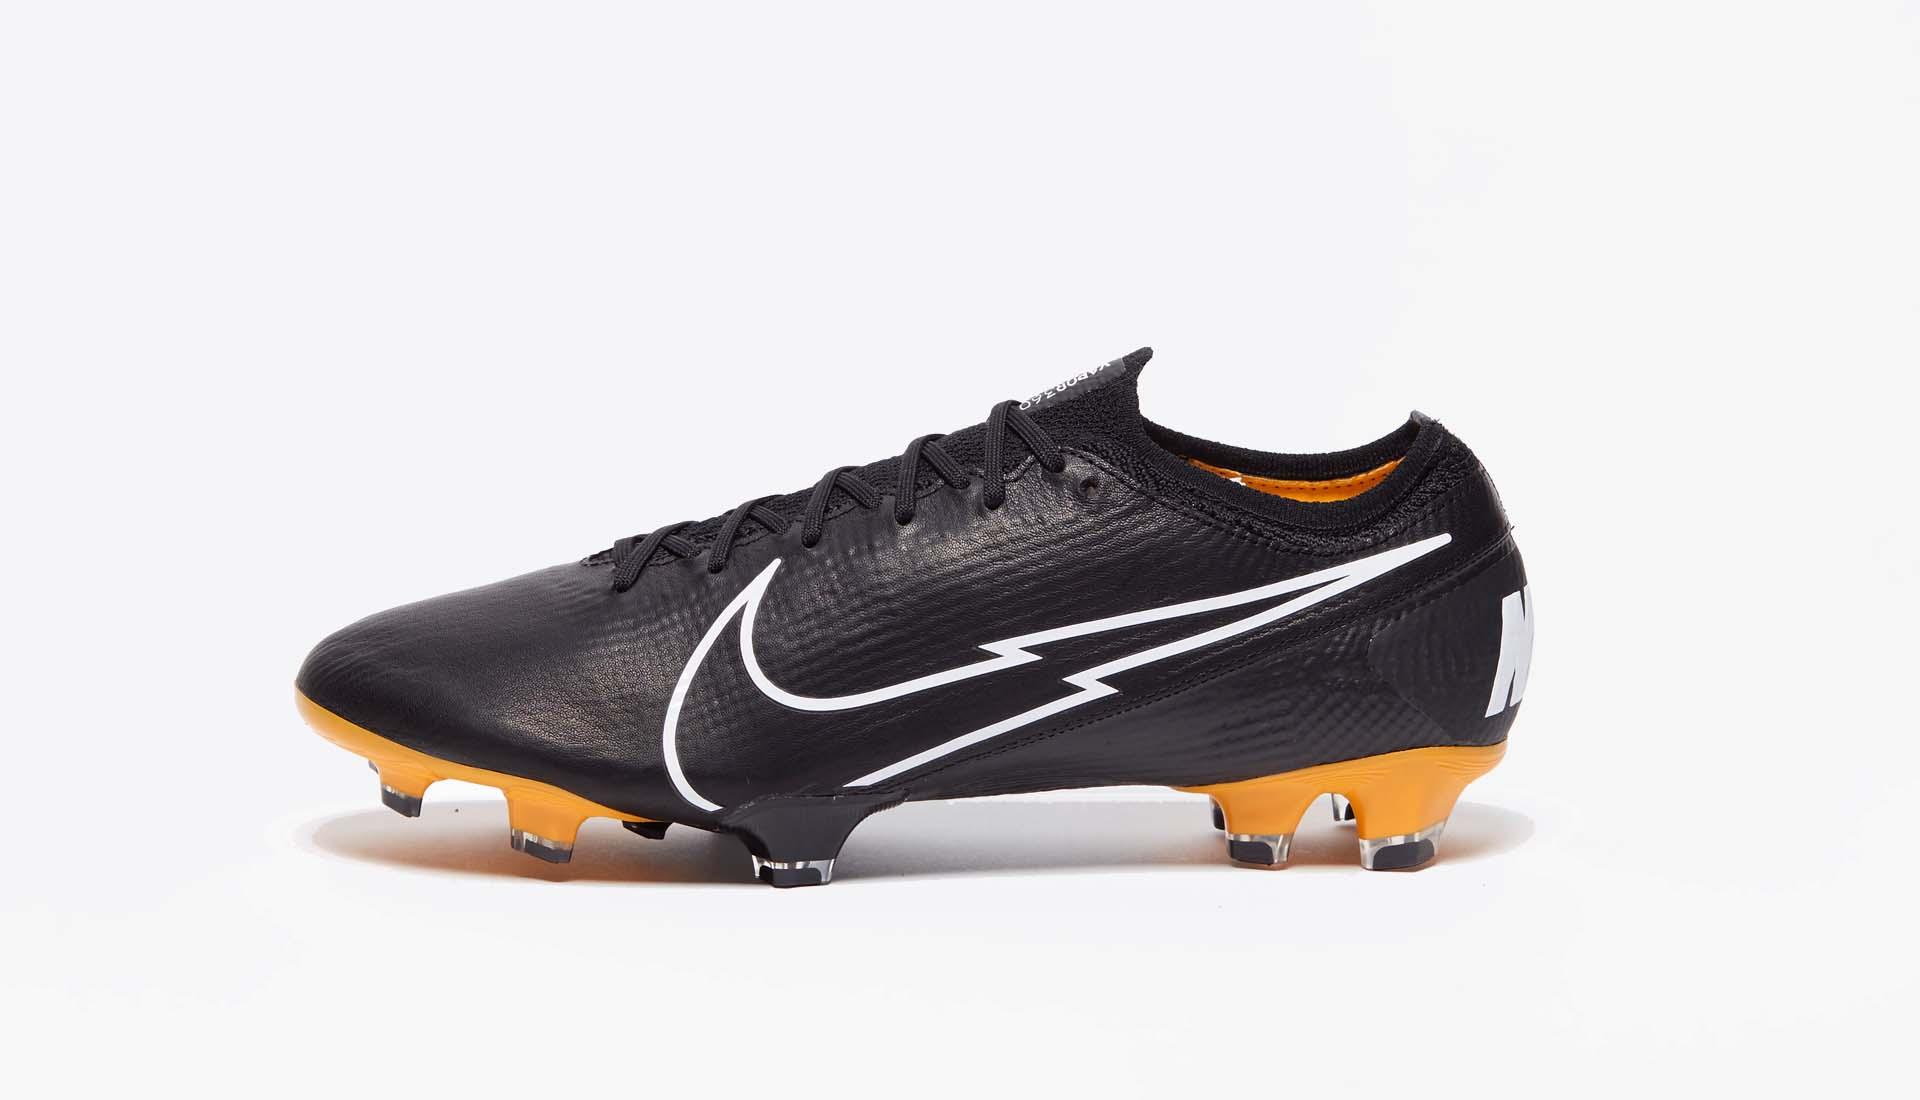 Giày đá bóng Nike Mercurial Tech Craft Vapor XIII